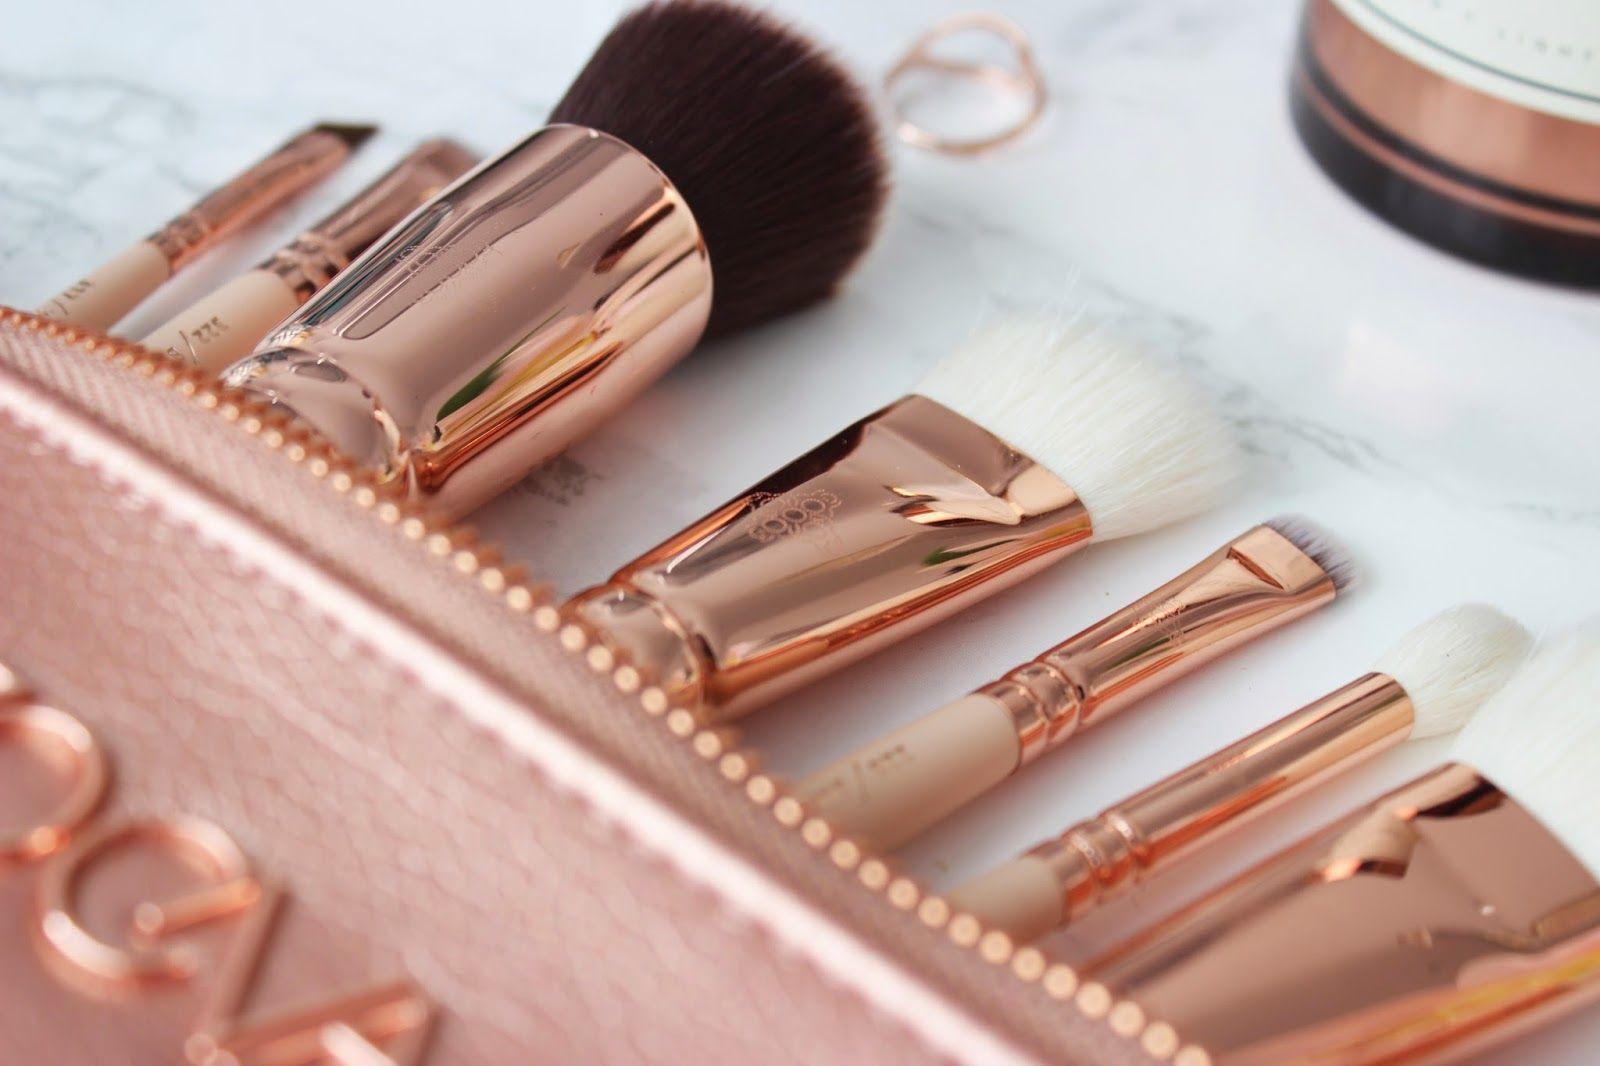 NEW ZOEVA ROSE GOLD MAKEUP BRUSHES Rose gold makeup